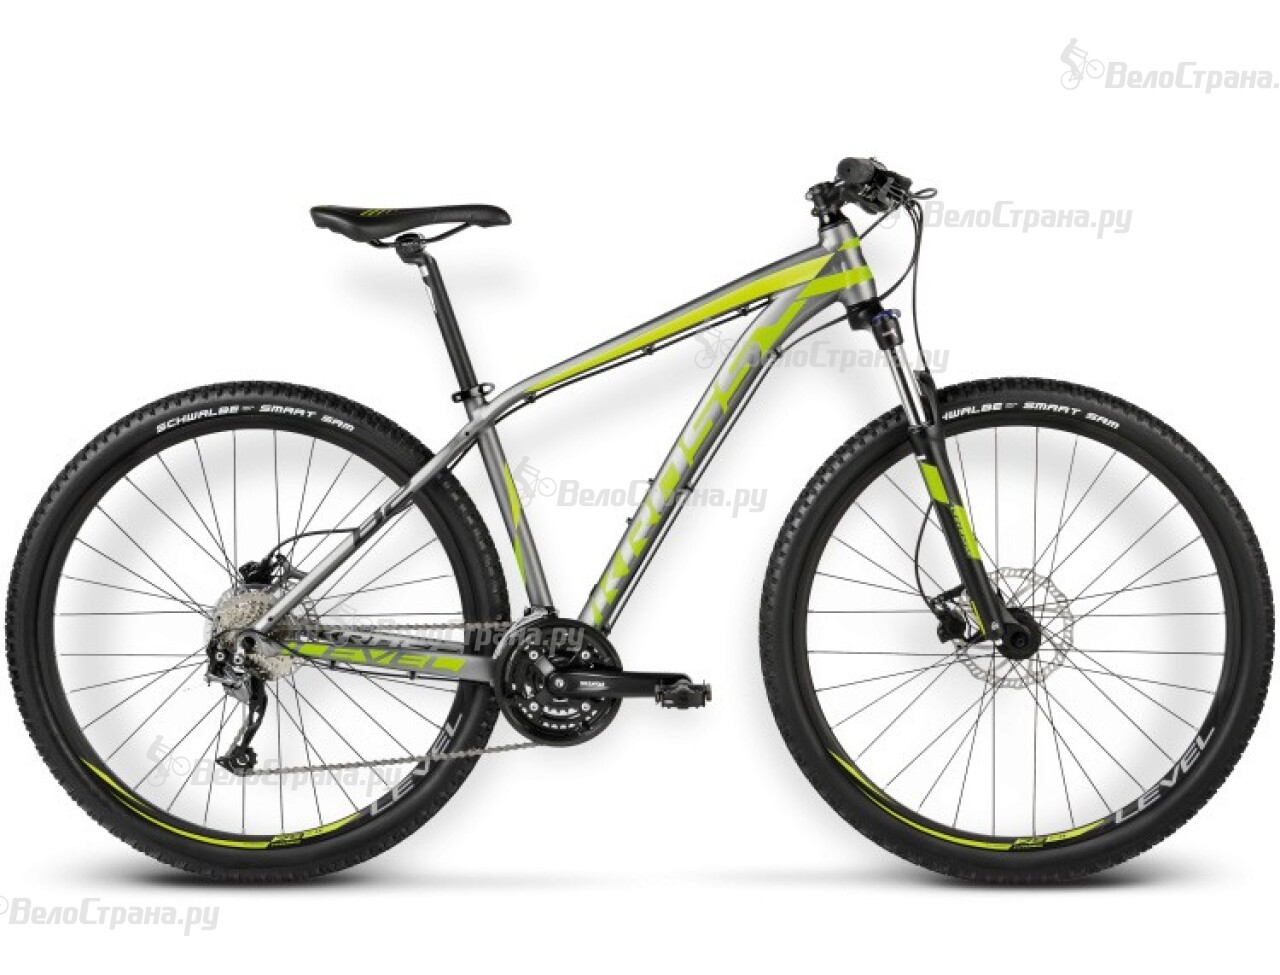 Велосипед Kross LEVEL B2 (2016) велосипед kross level b7 2016